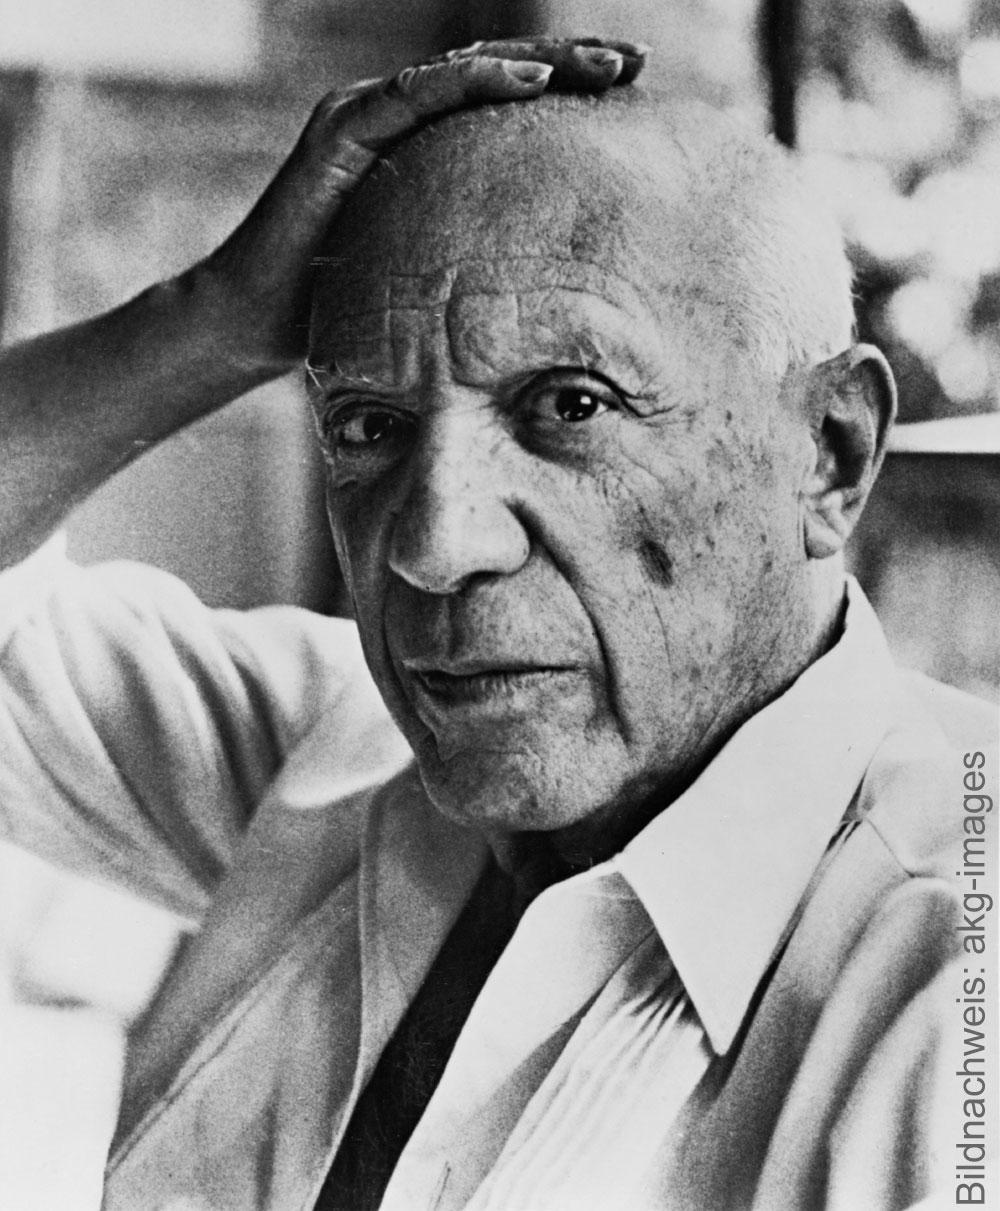 Porträt des Künstlers Pablo Picasso